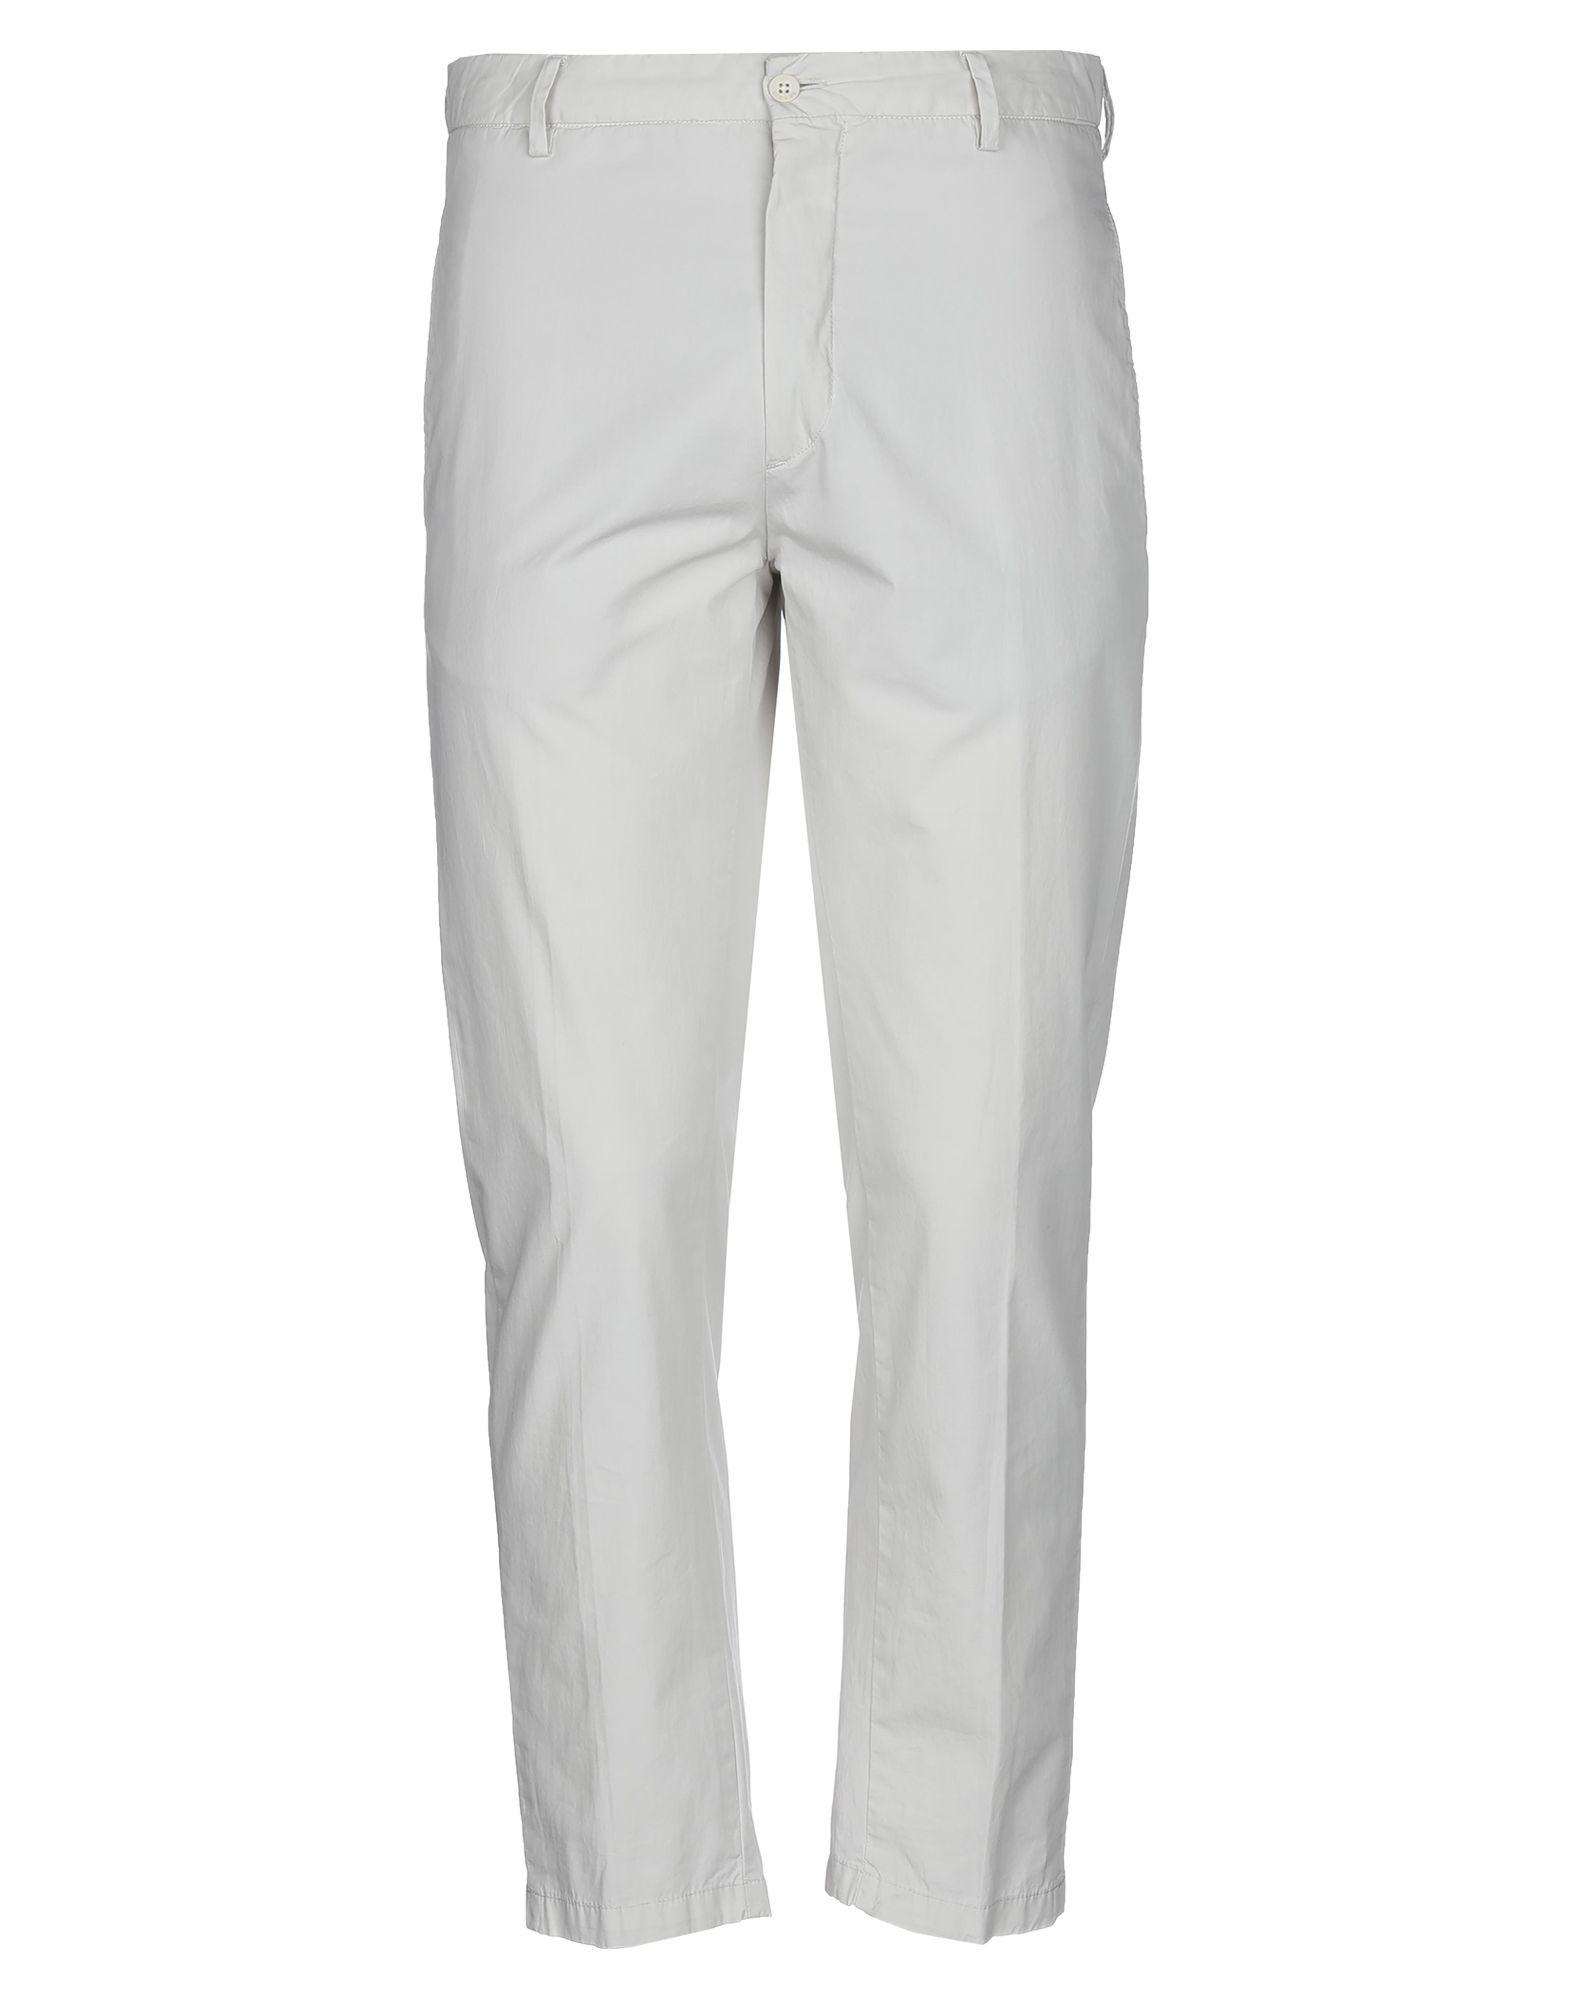 《セール開催中》BE ABLE メンズ パンツ ライトグレー 32 コットン 100%